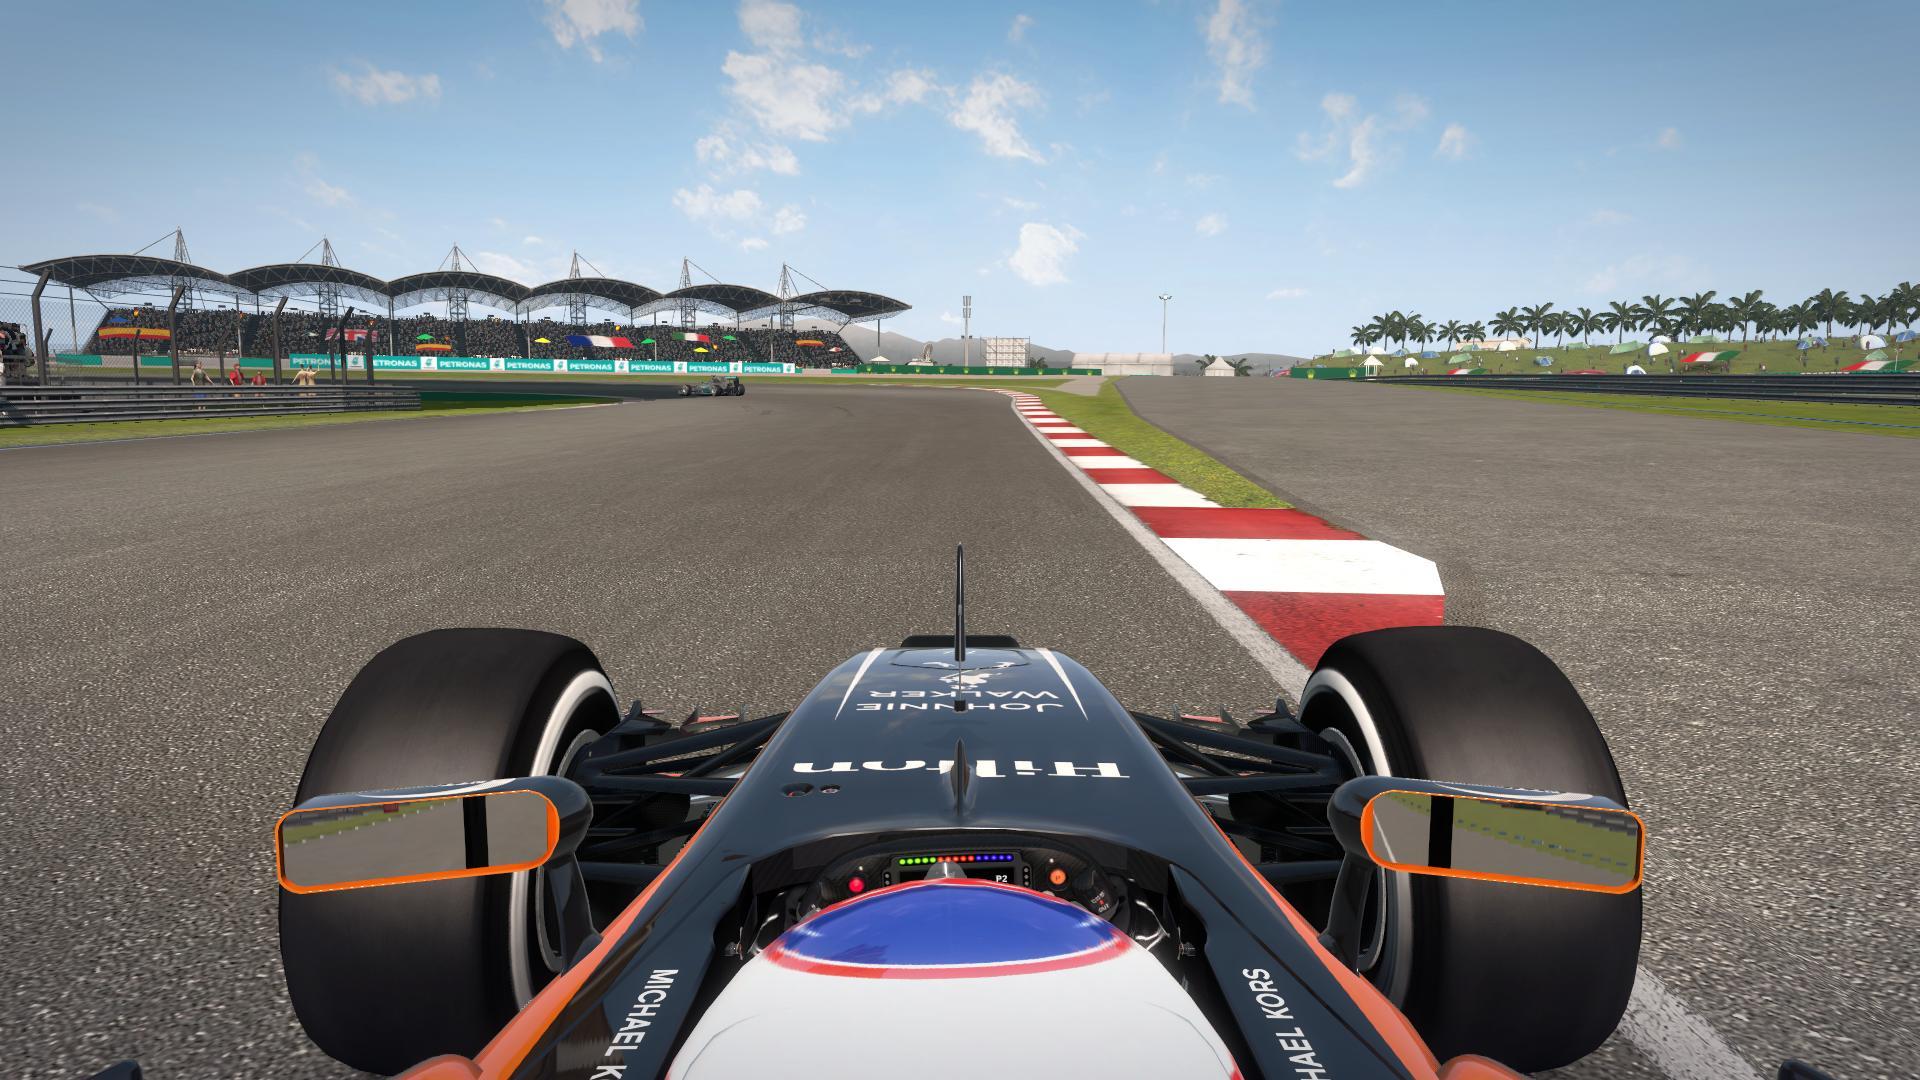 F1_2014 2017-05-05 16-32-51-17.jpg